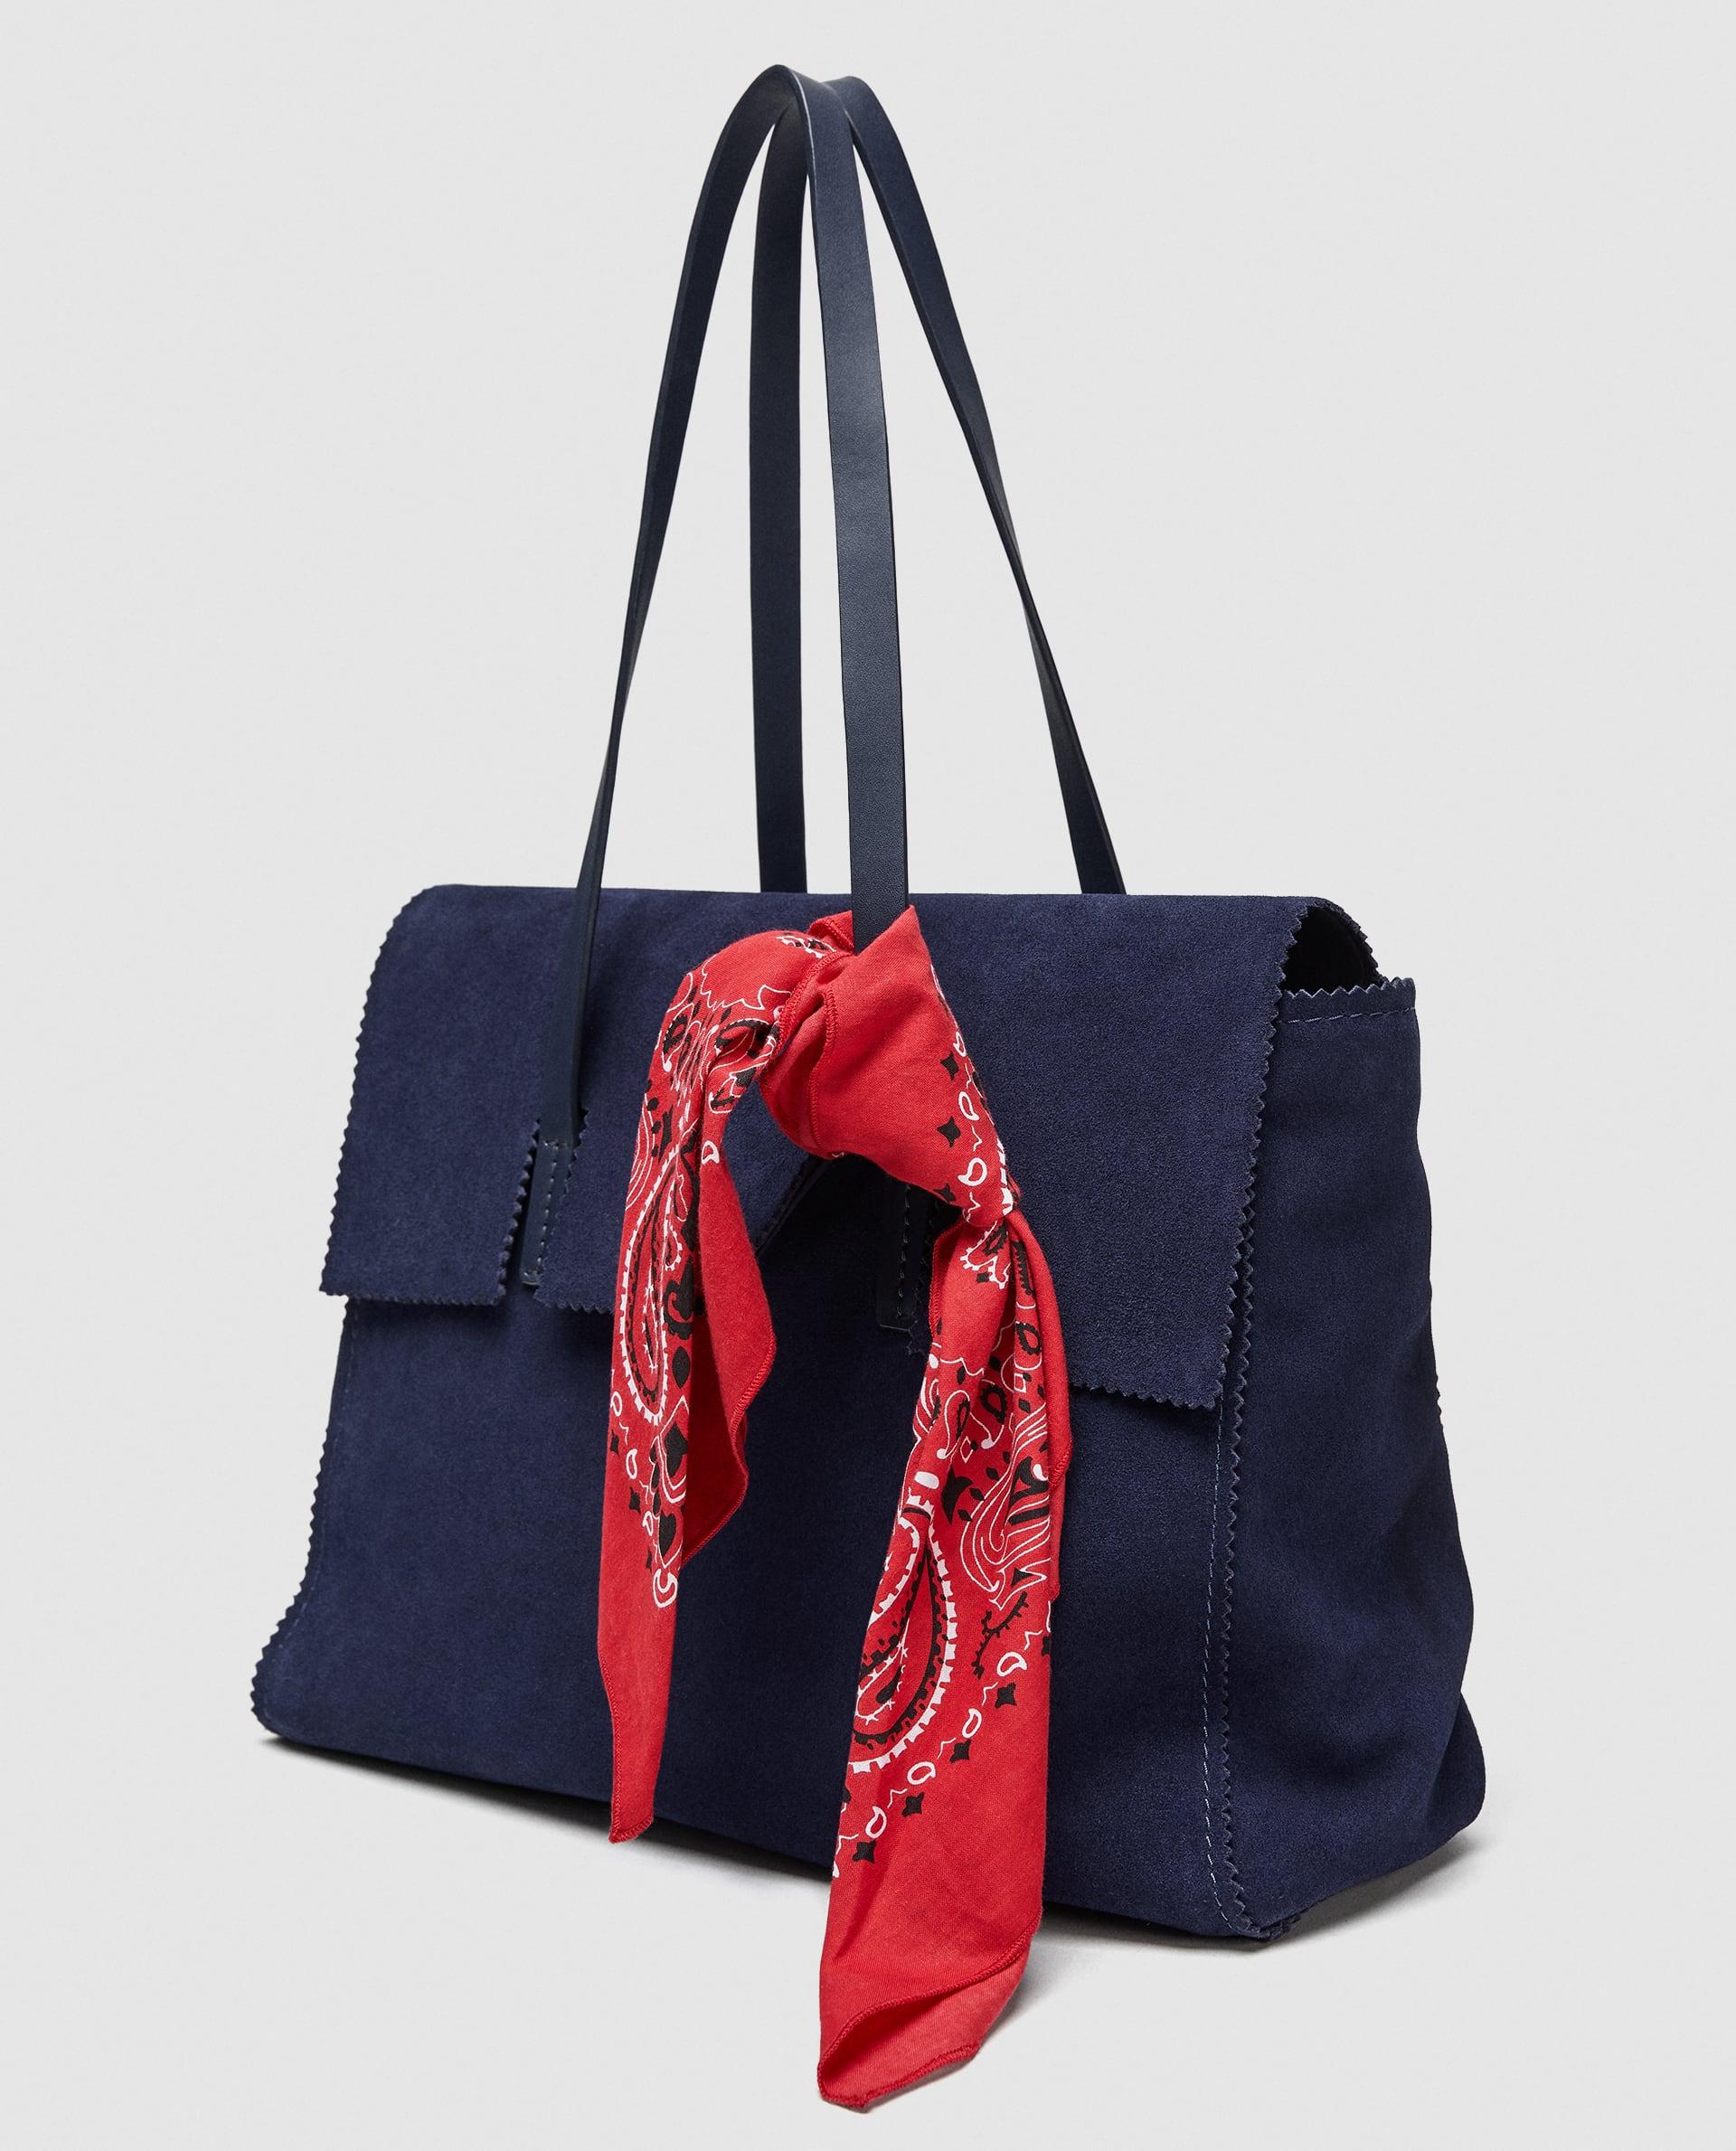 Borsa a spalla in pelle con bandana Zara collezione primavera estate 2018